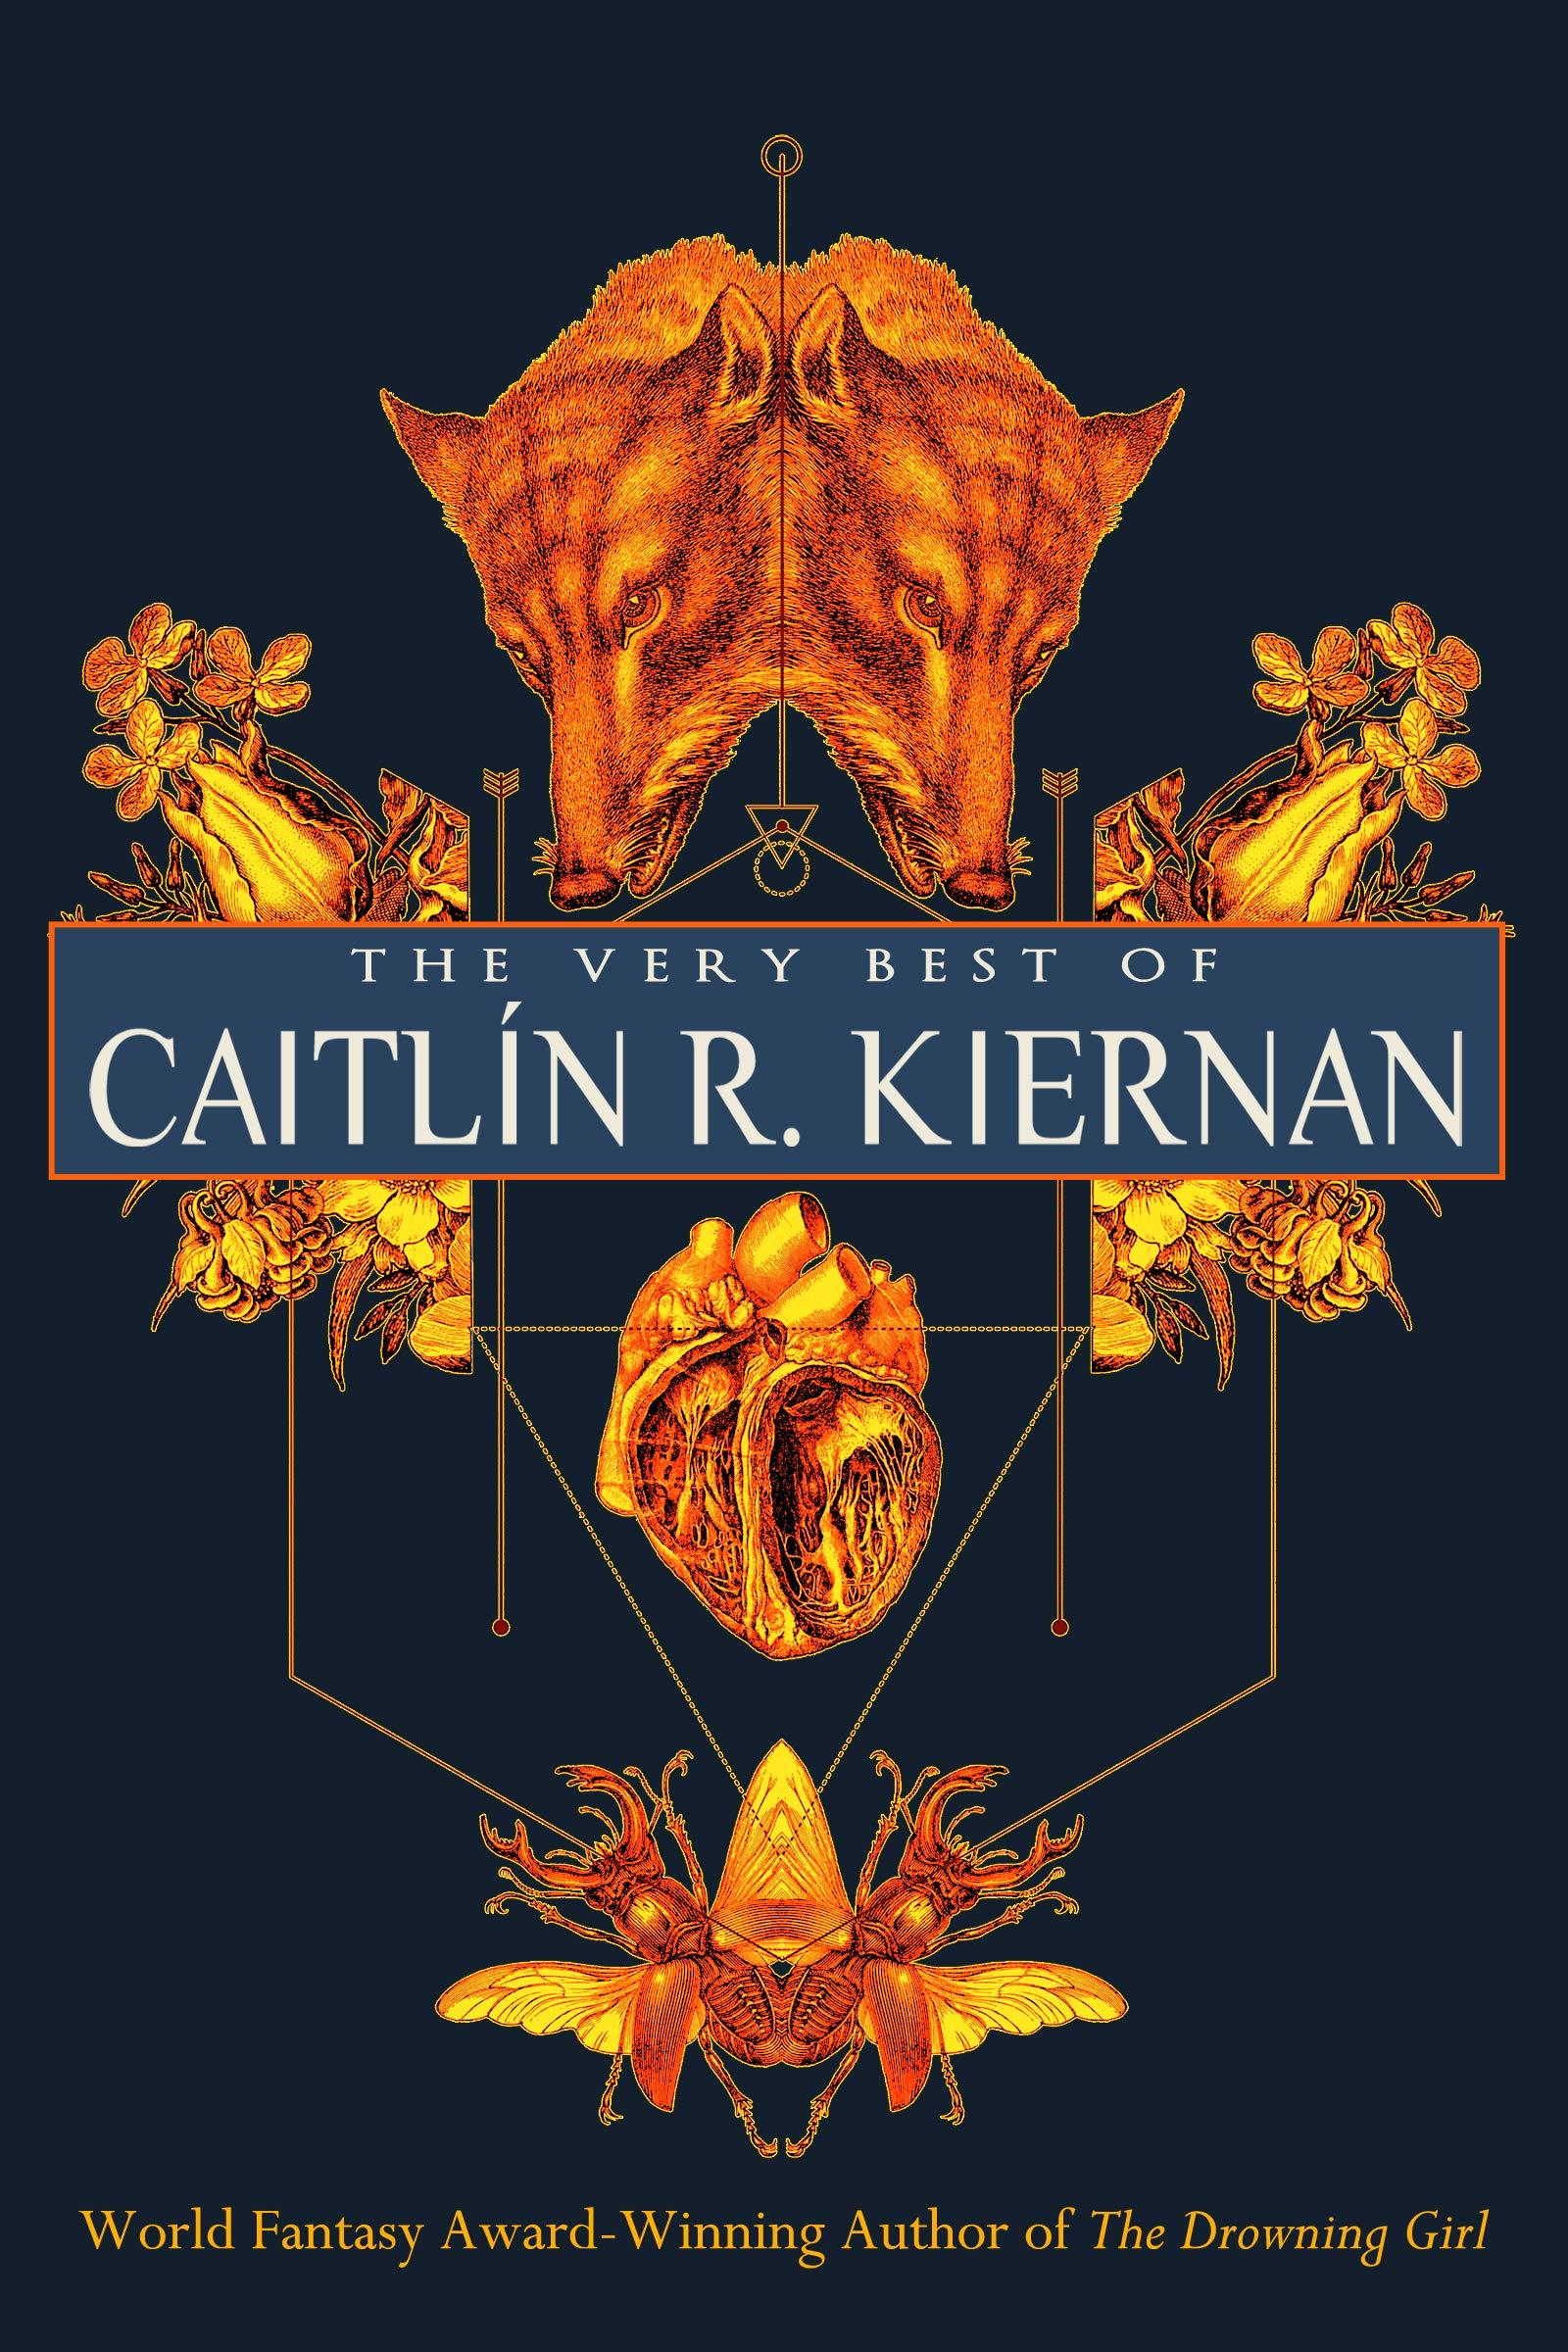 Kiernan The Very Best of Caitlin R